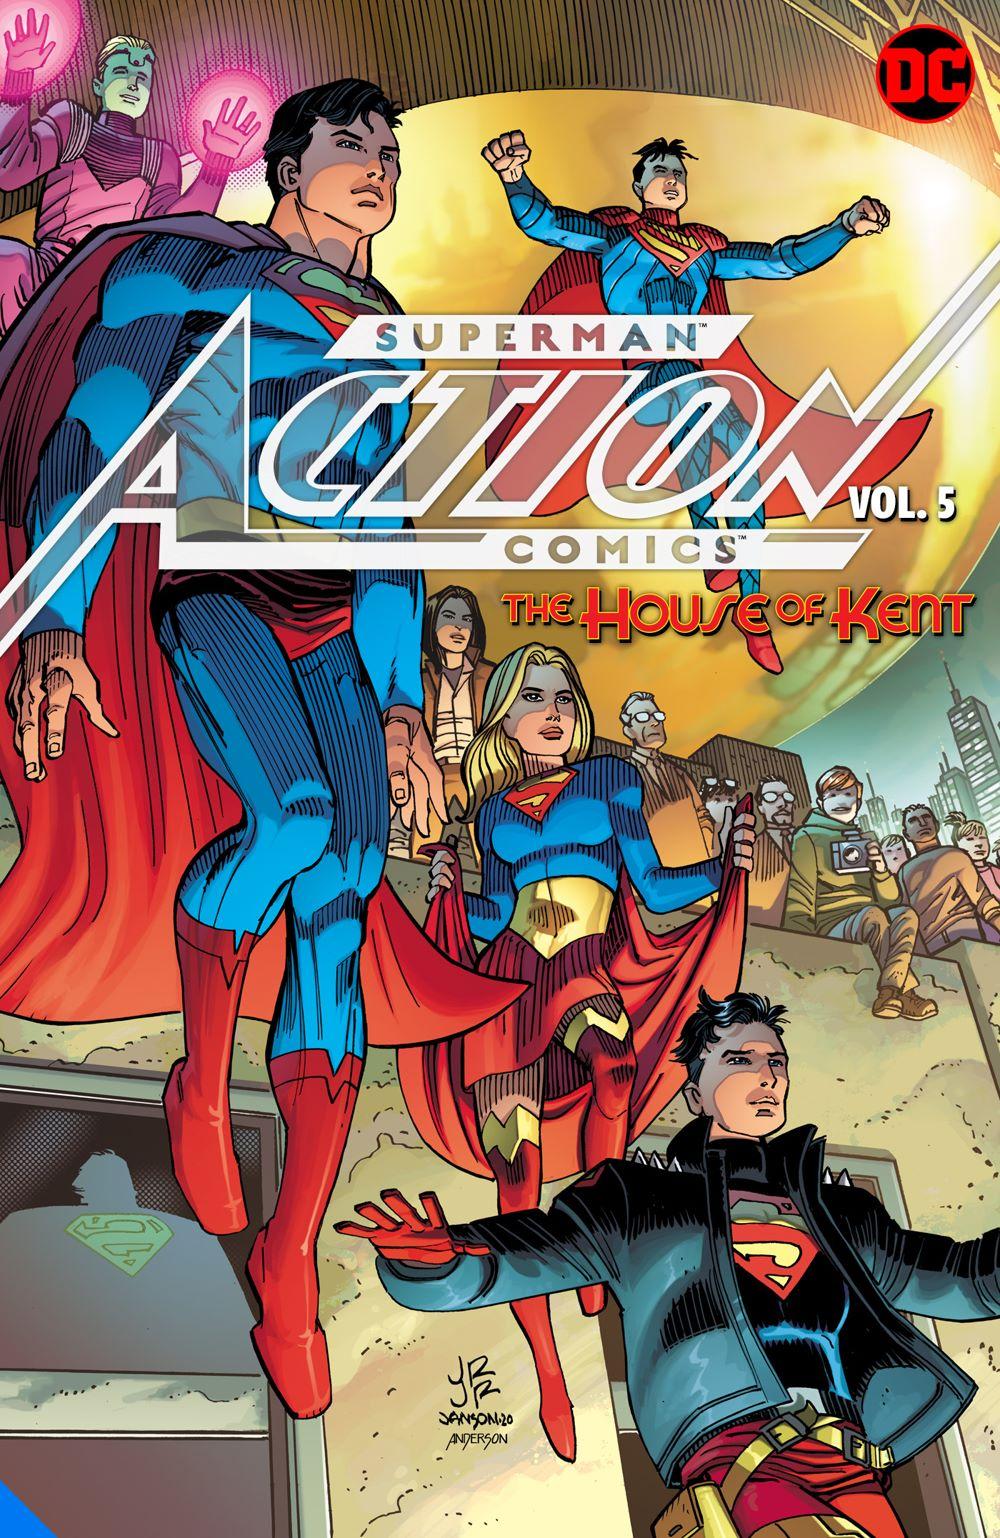 supermanactioncomics-vol5_adv DC Comics August 2021 Solicitations